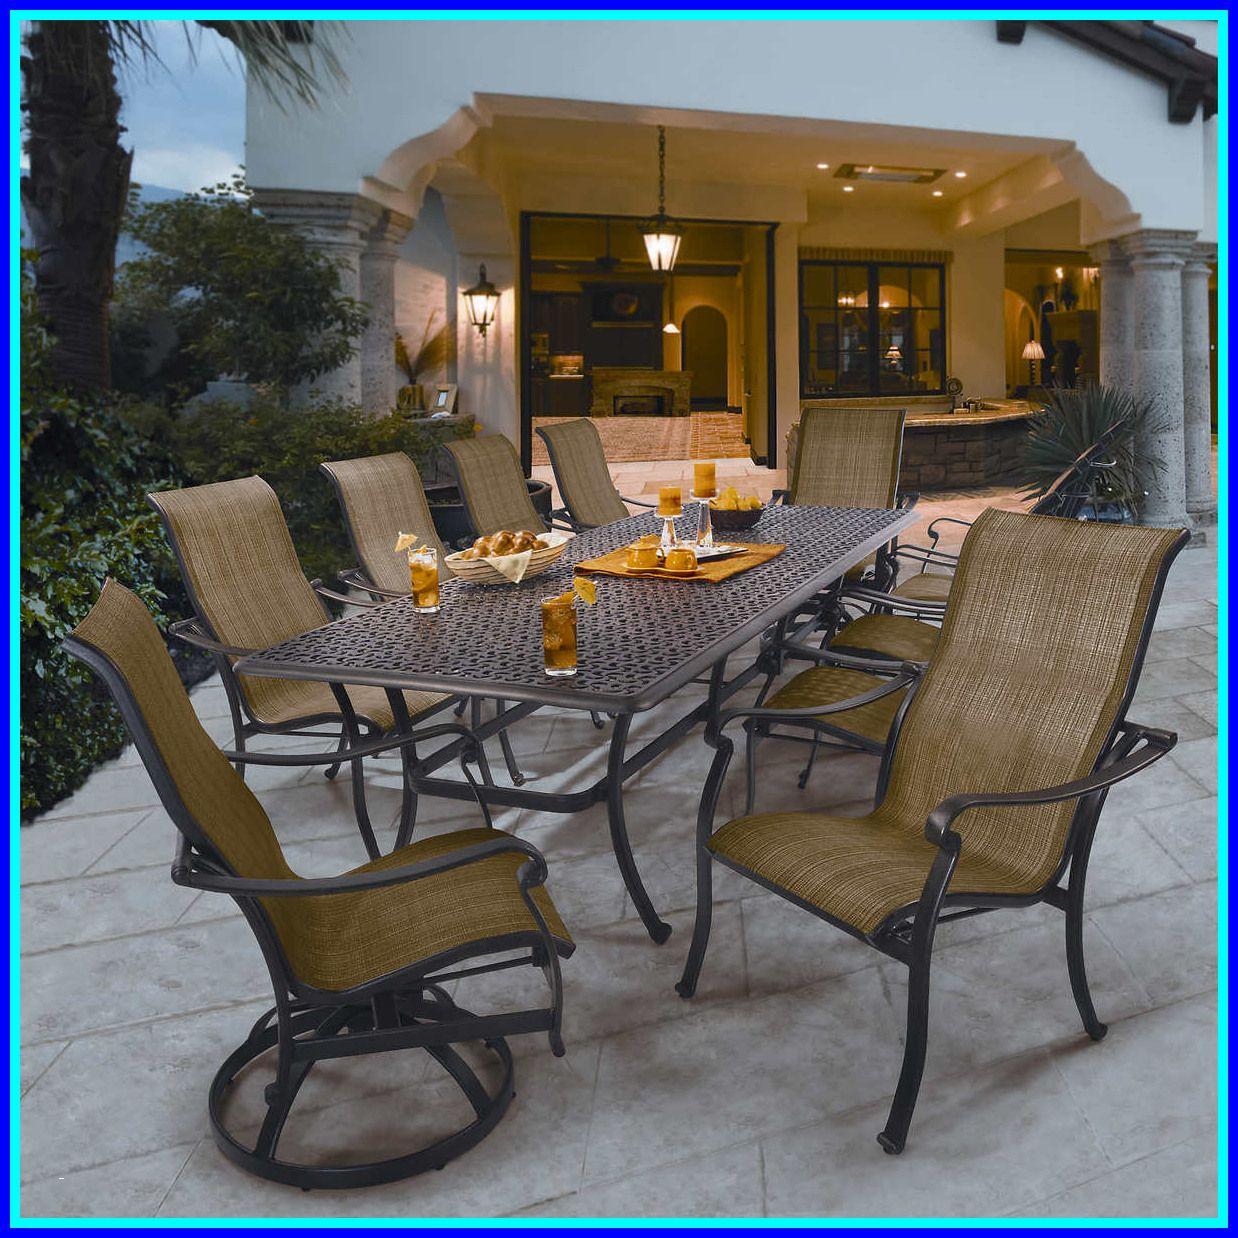 patio furniture costco canada-#patio